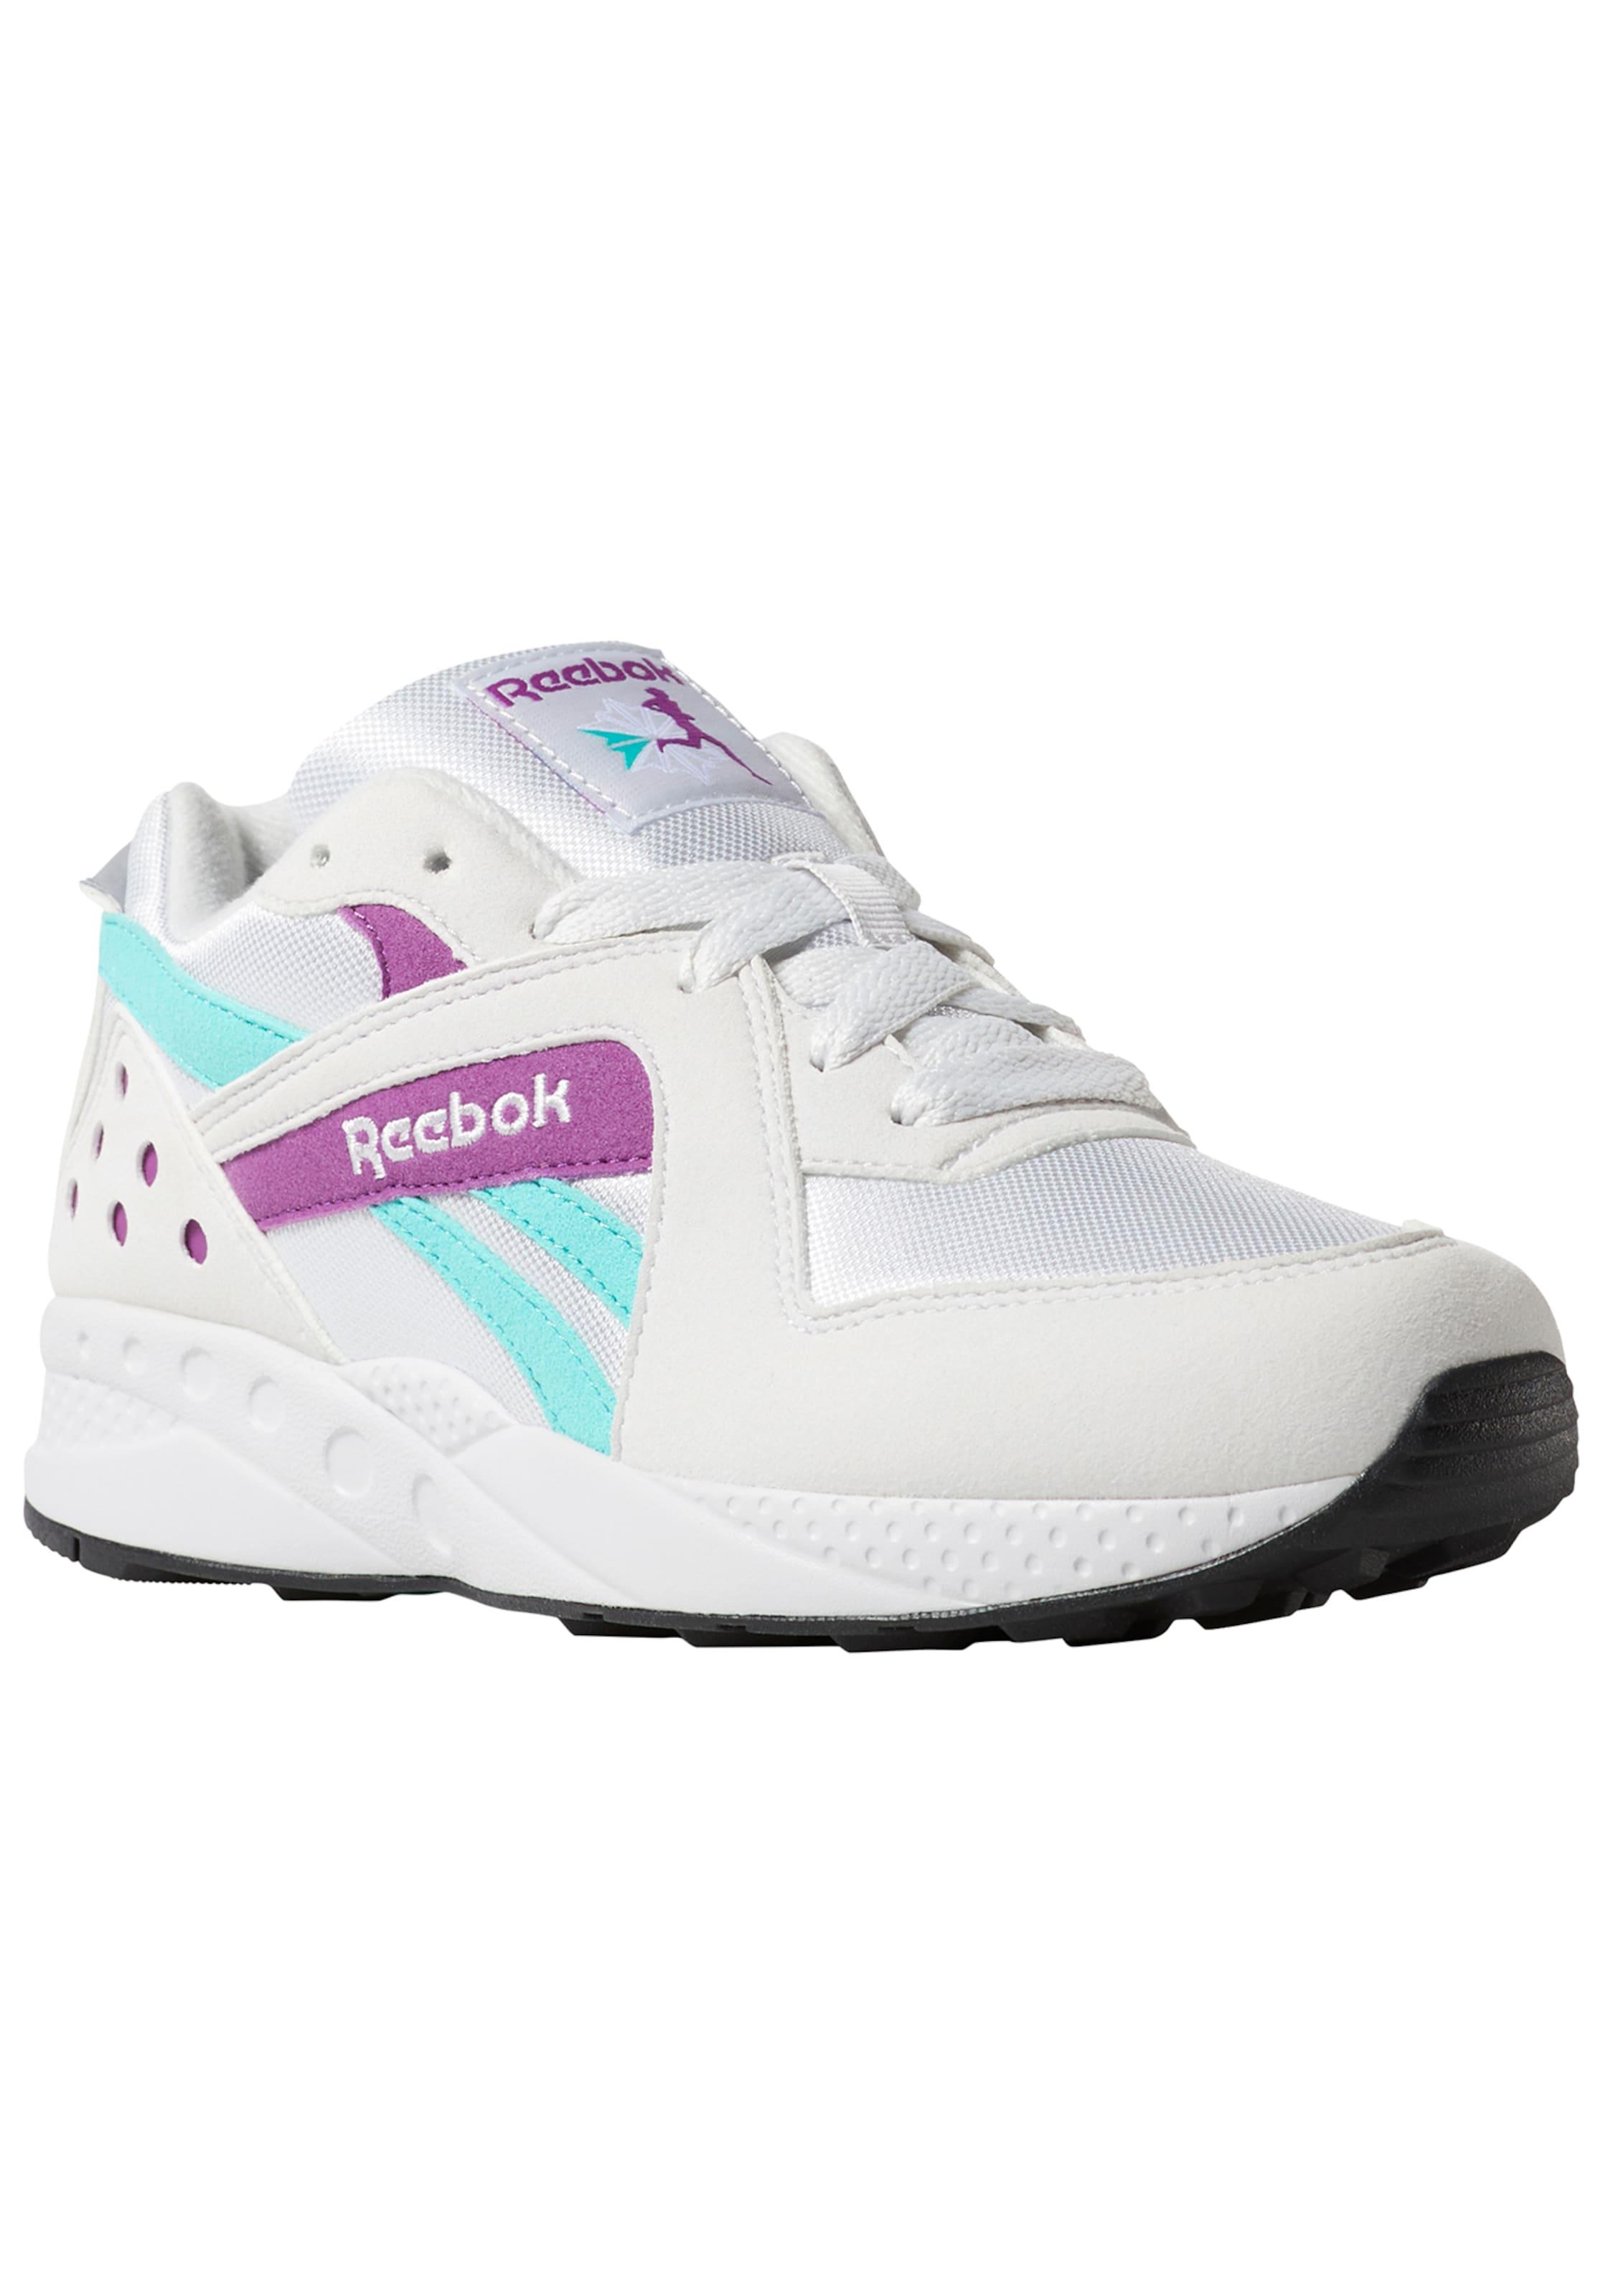 In Reebok Weiß Sneaker 'pyro' JadeHelllila 43RAjL5q